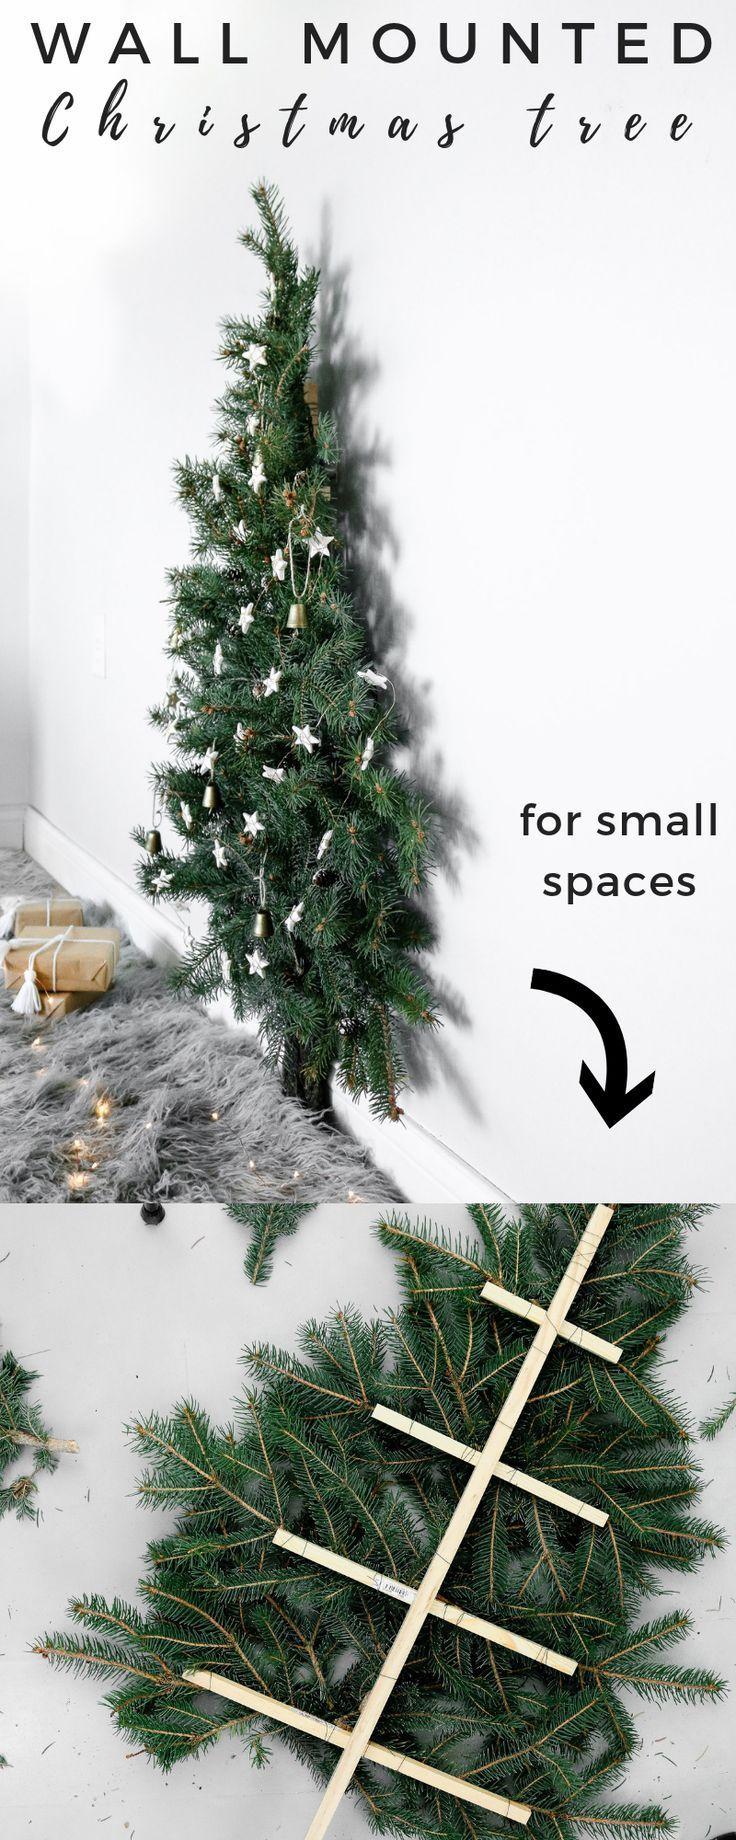 Hier ist ein lustiger und einfacher Weihnachtsbaum, den Sie tun können, wenn